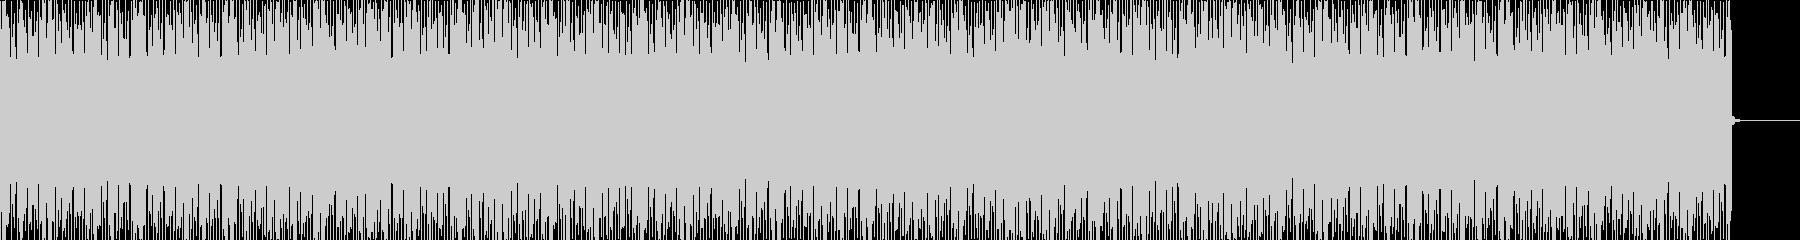 EDMなBGM001の未再生の波形